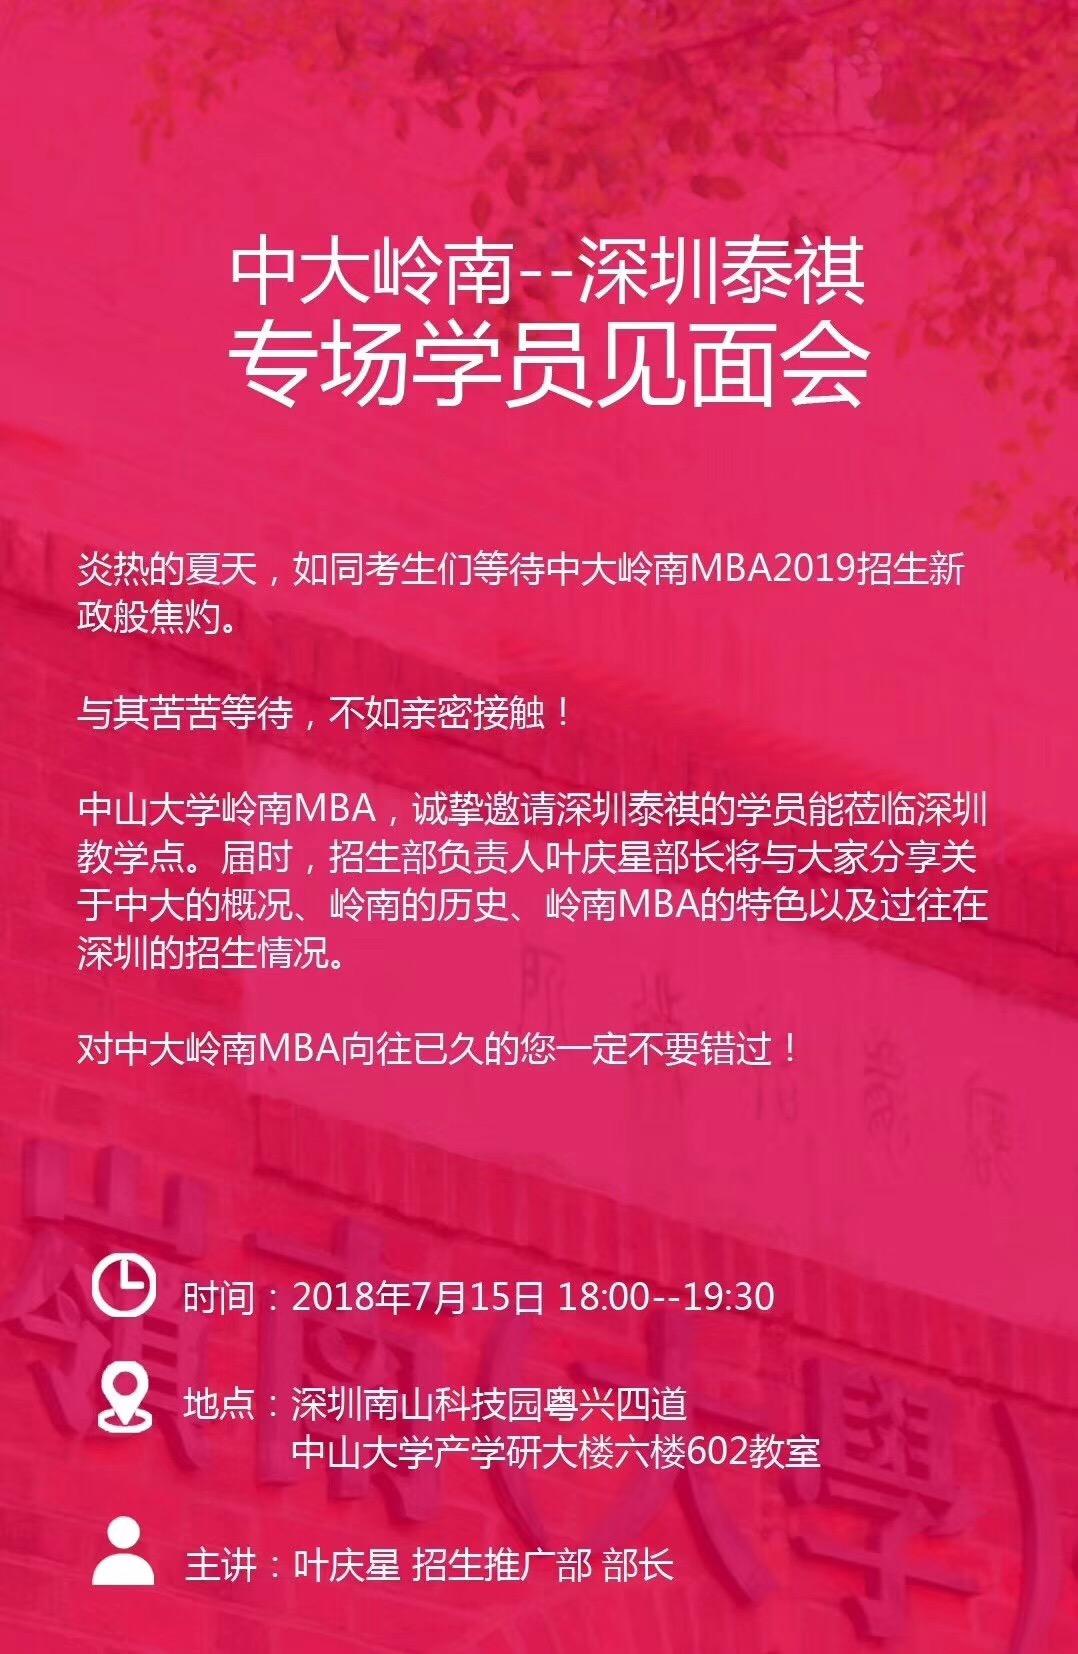 中大岭南MBA@深圳泰祺专场学员见面会,7.15等你来!